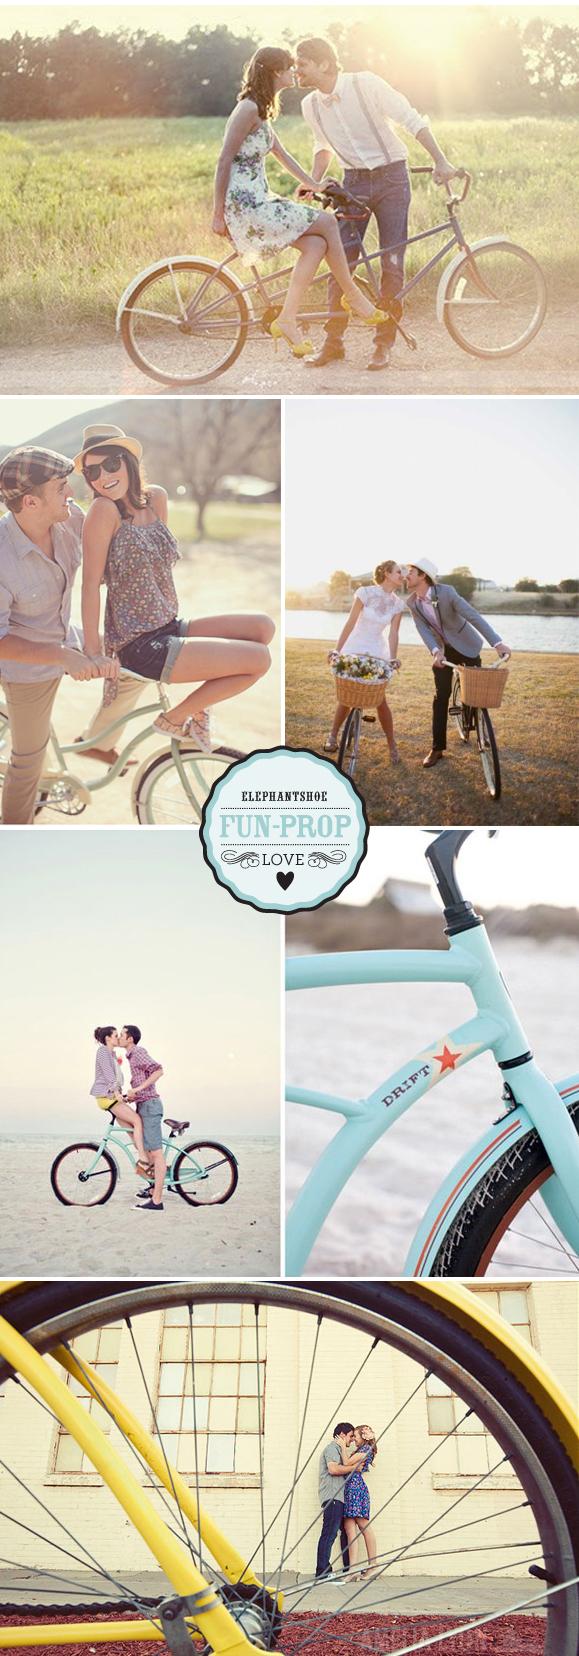 ELEPHANTSHOE_BICYCLE_POST.jpg